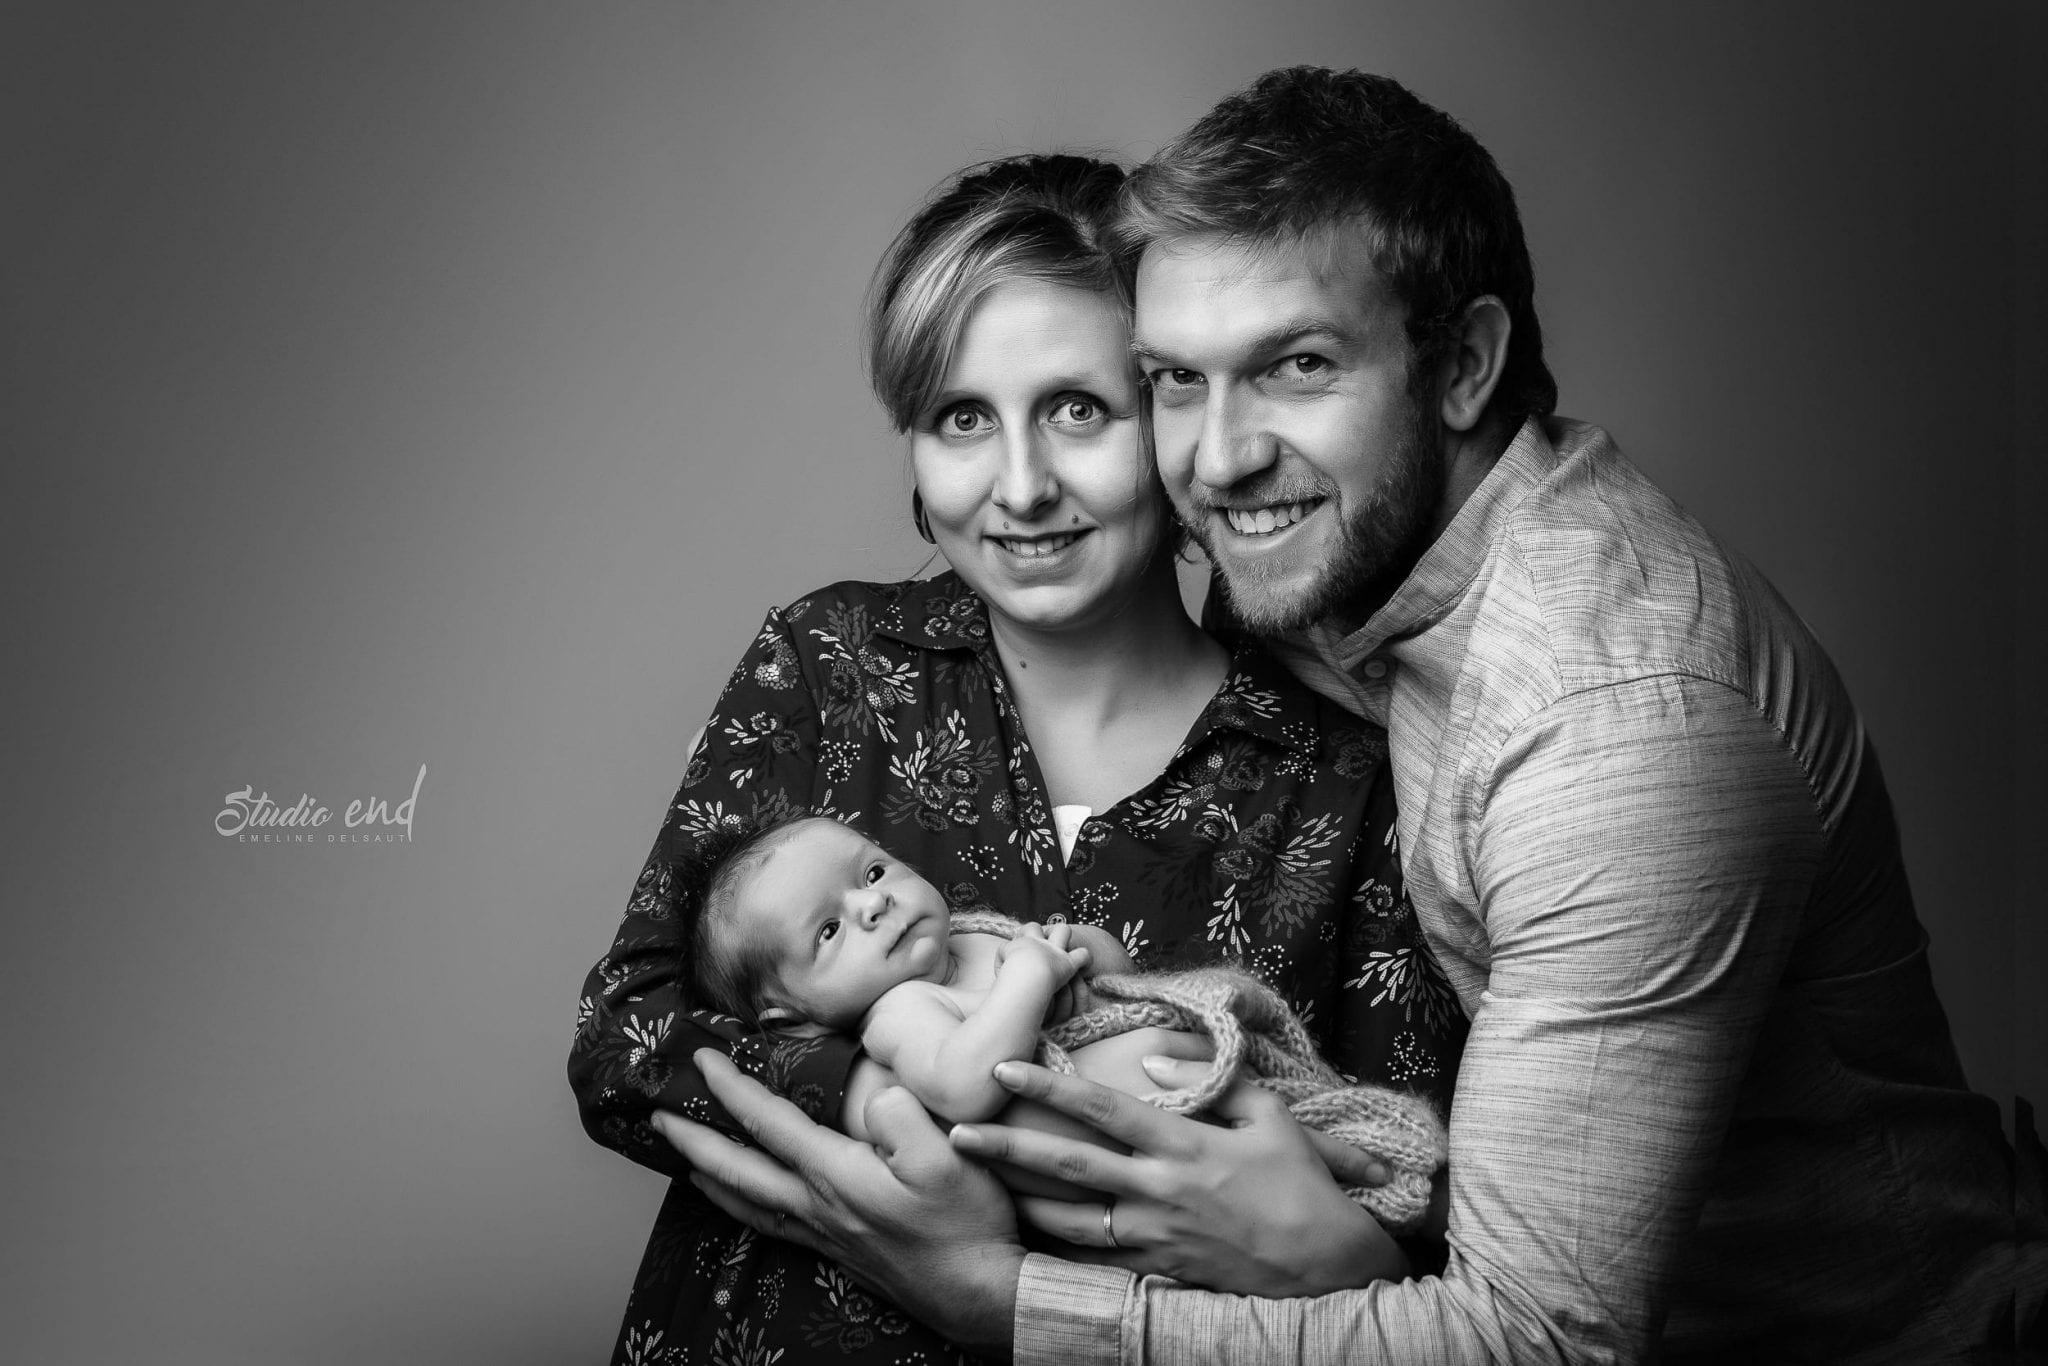 Photographe de nouveau né - bébé et papa maman Emeline Delsaut